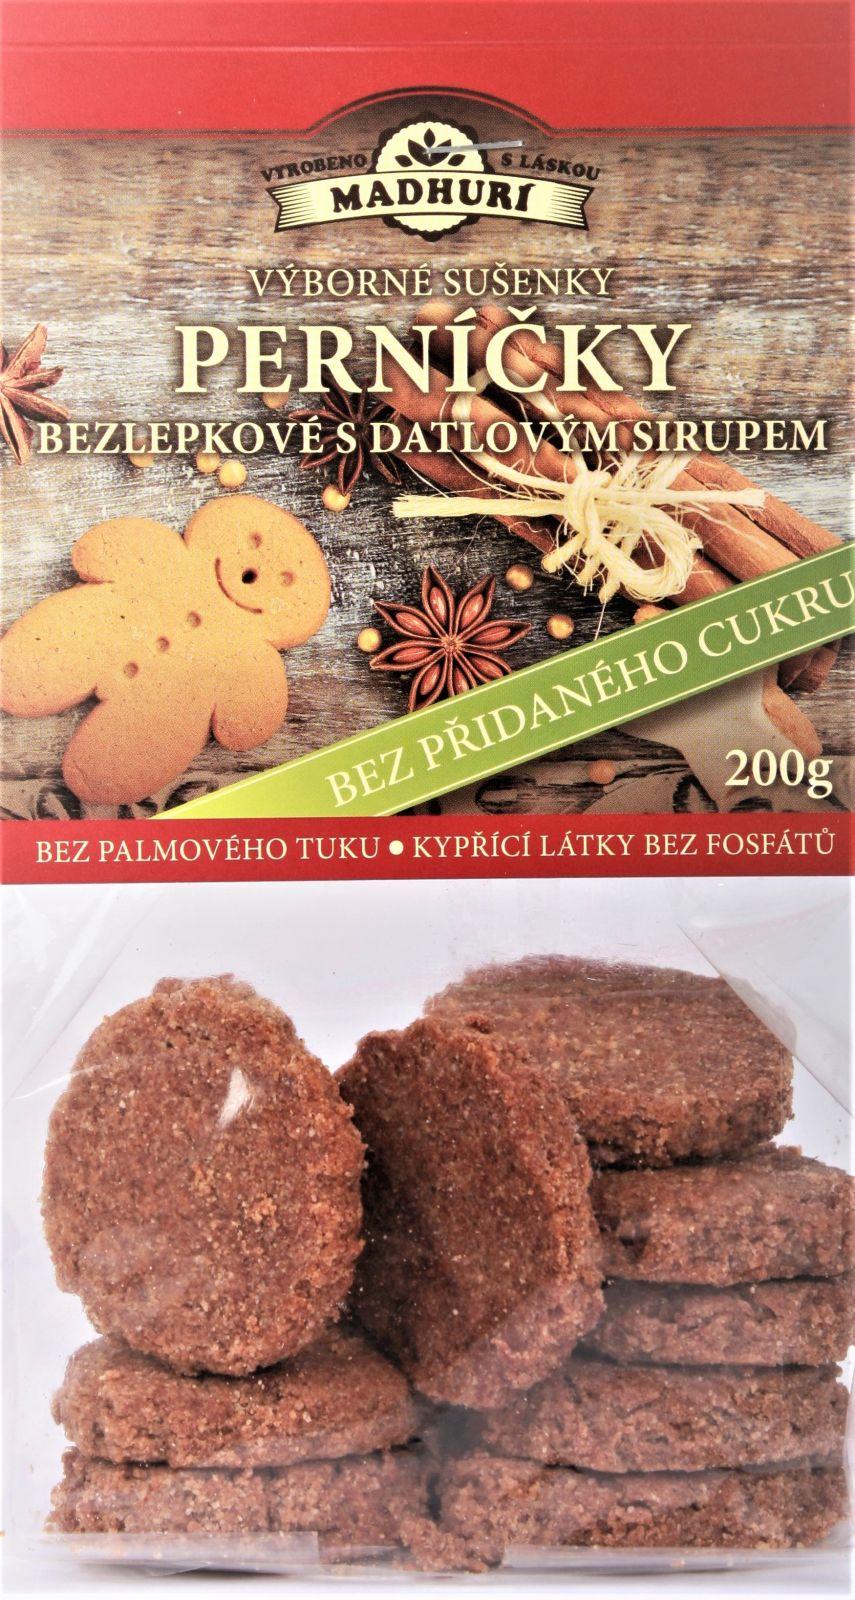 Bezlepkové sušenky perníčky